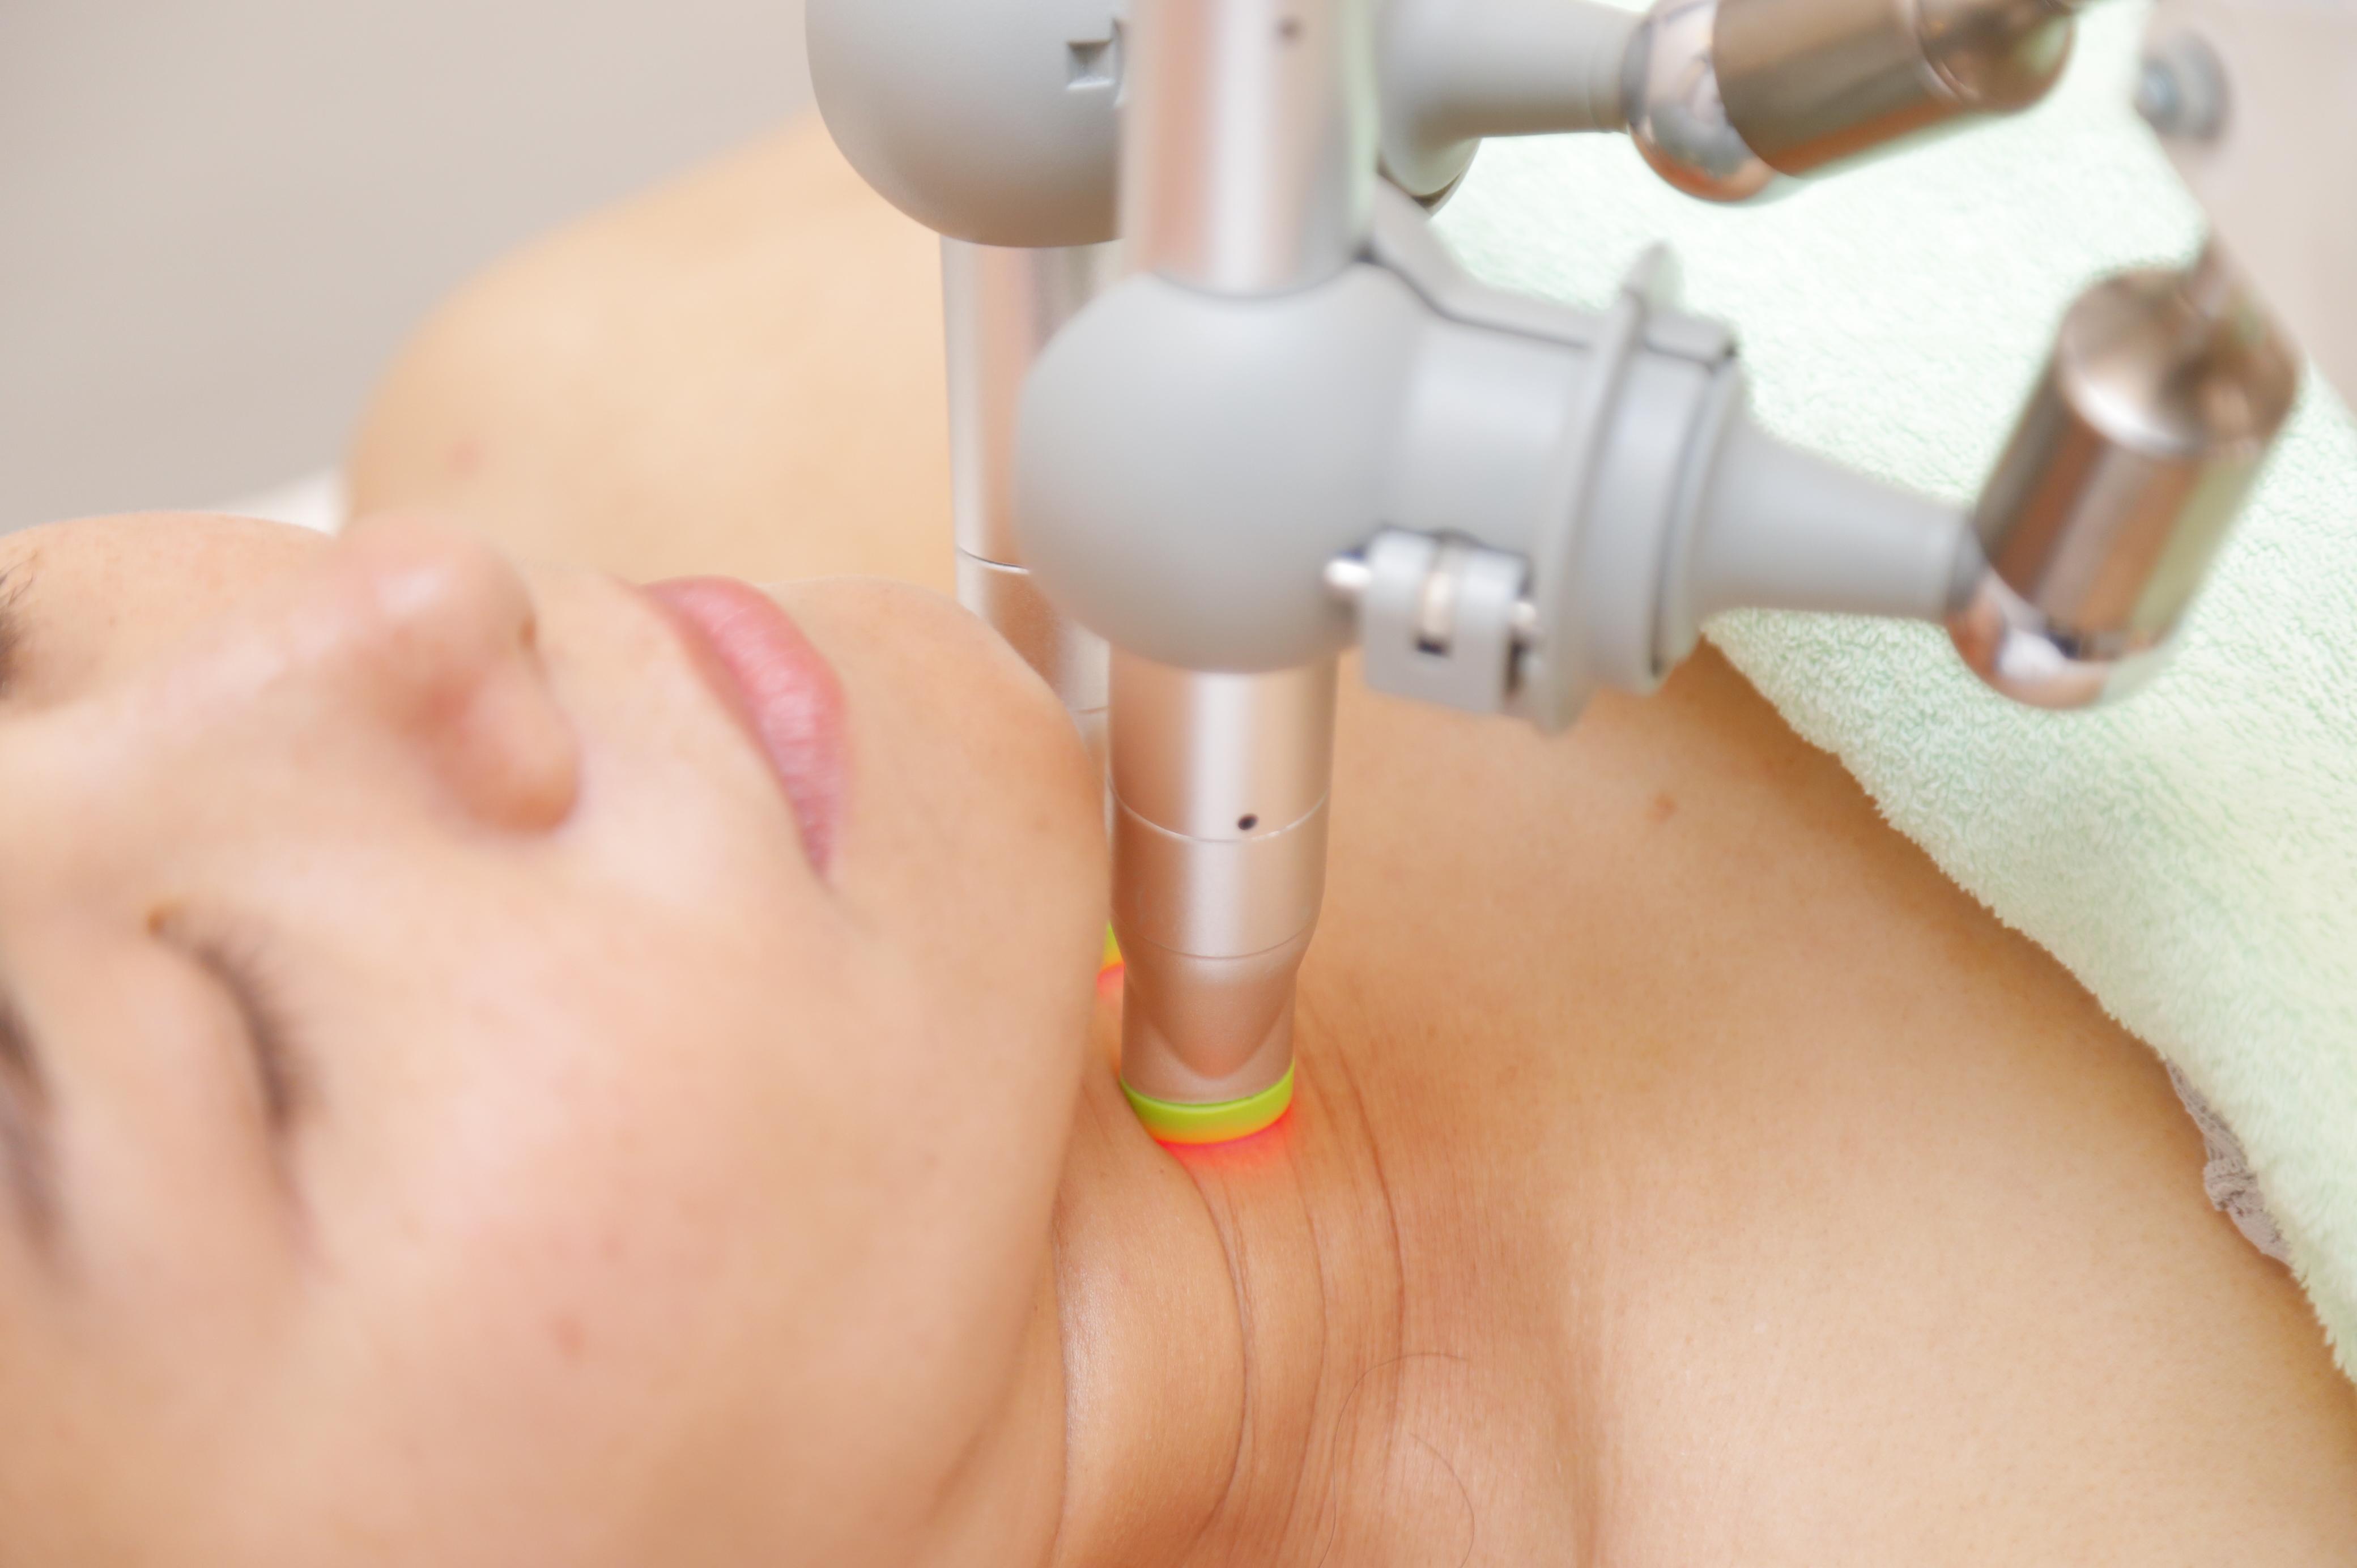 スーパーライザーを頚部の正常神経節に照射する様子